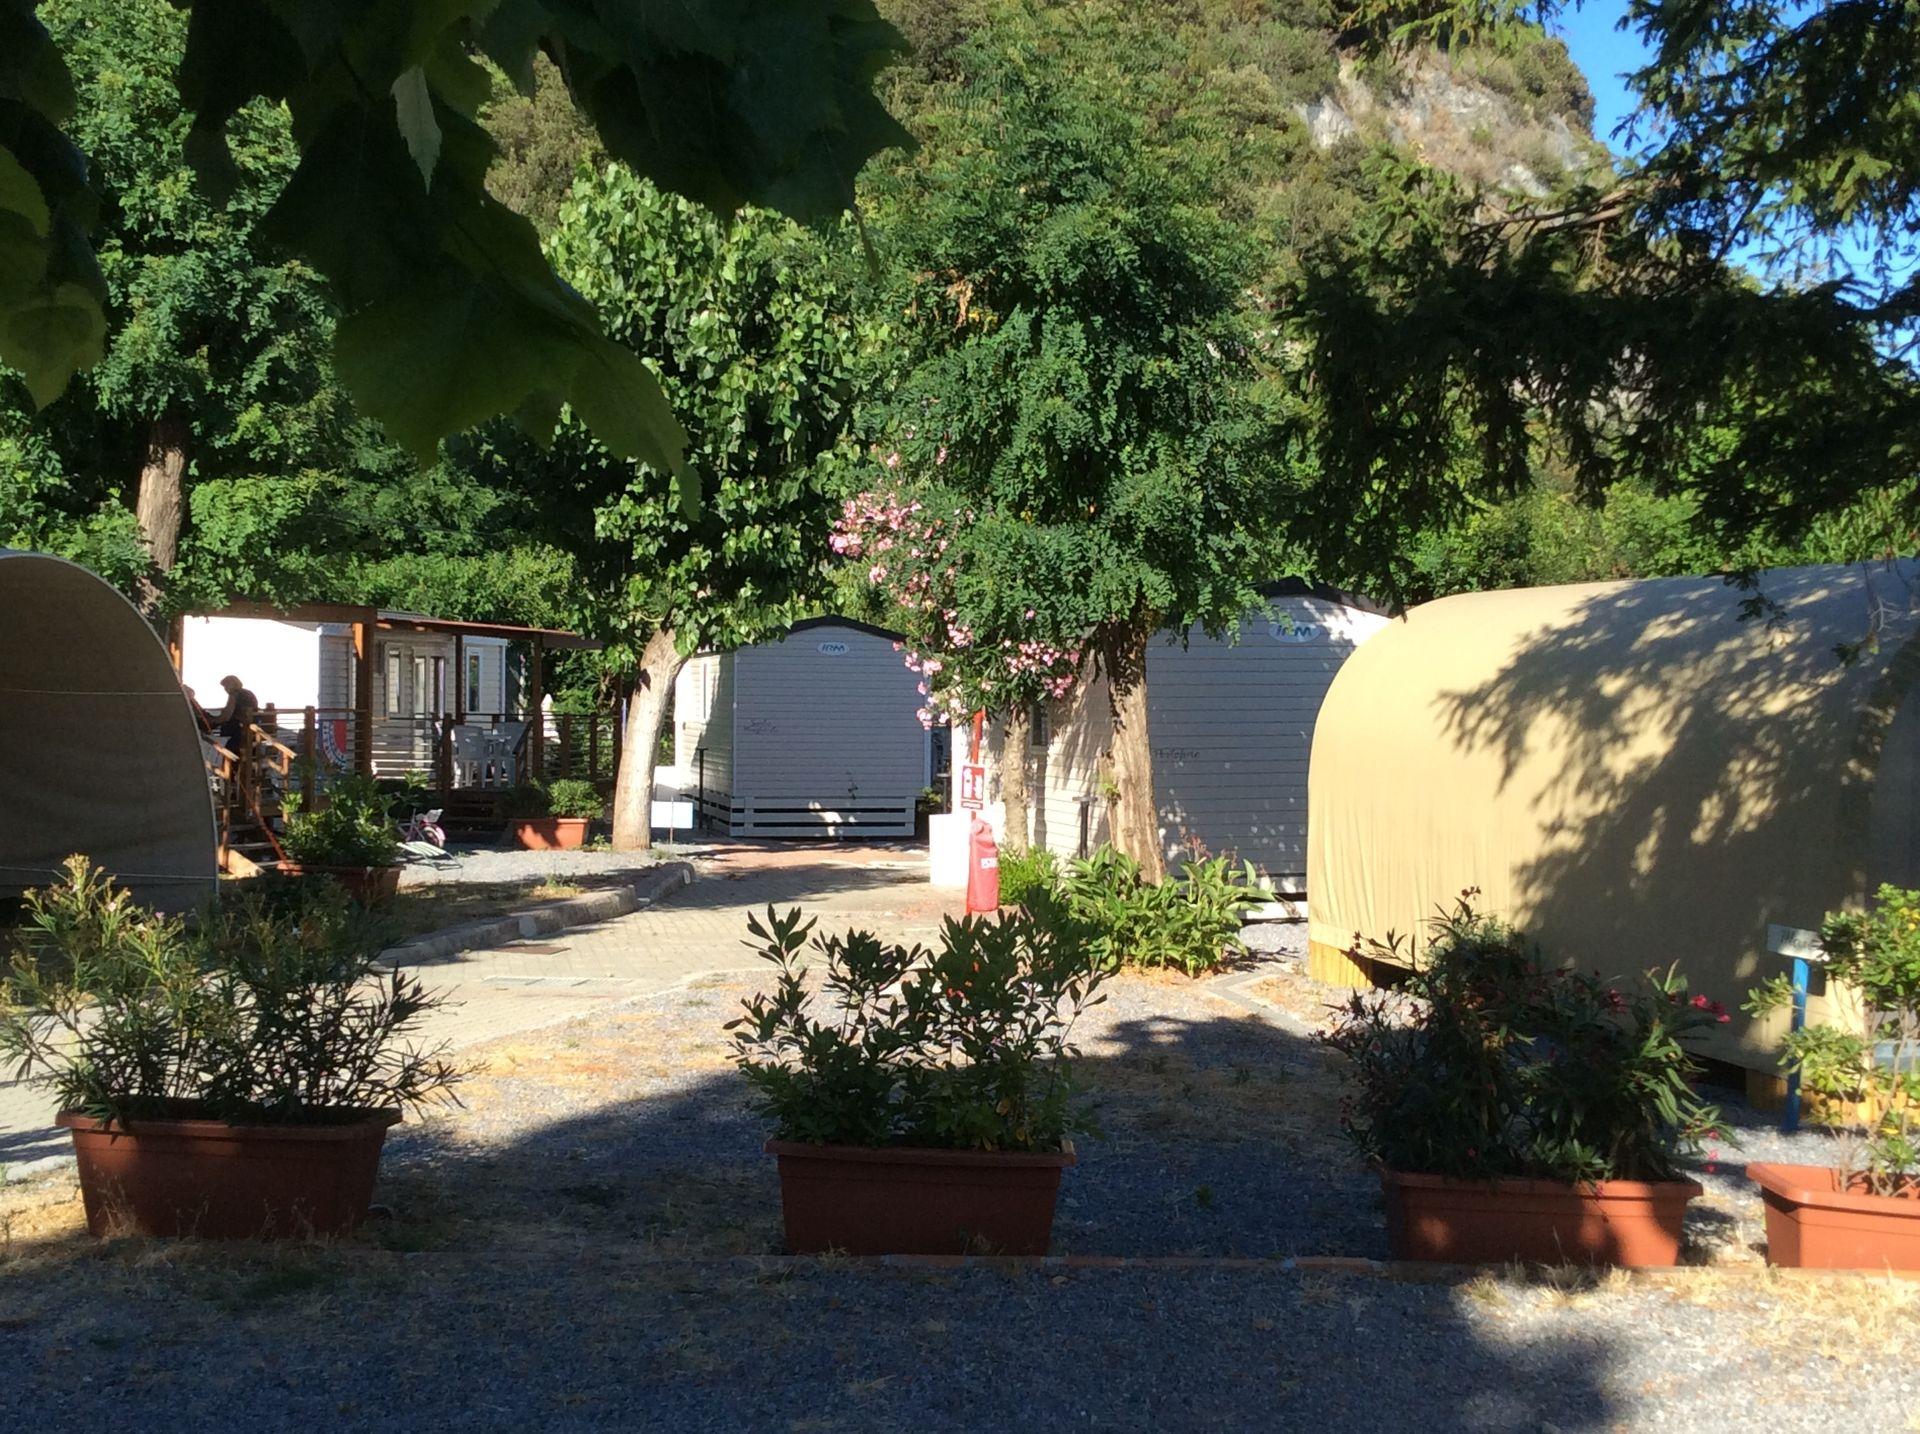 La tua Pasqua in Camping Village a due passi da Genova